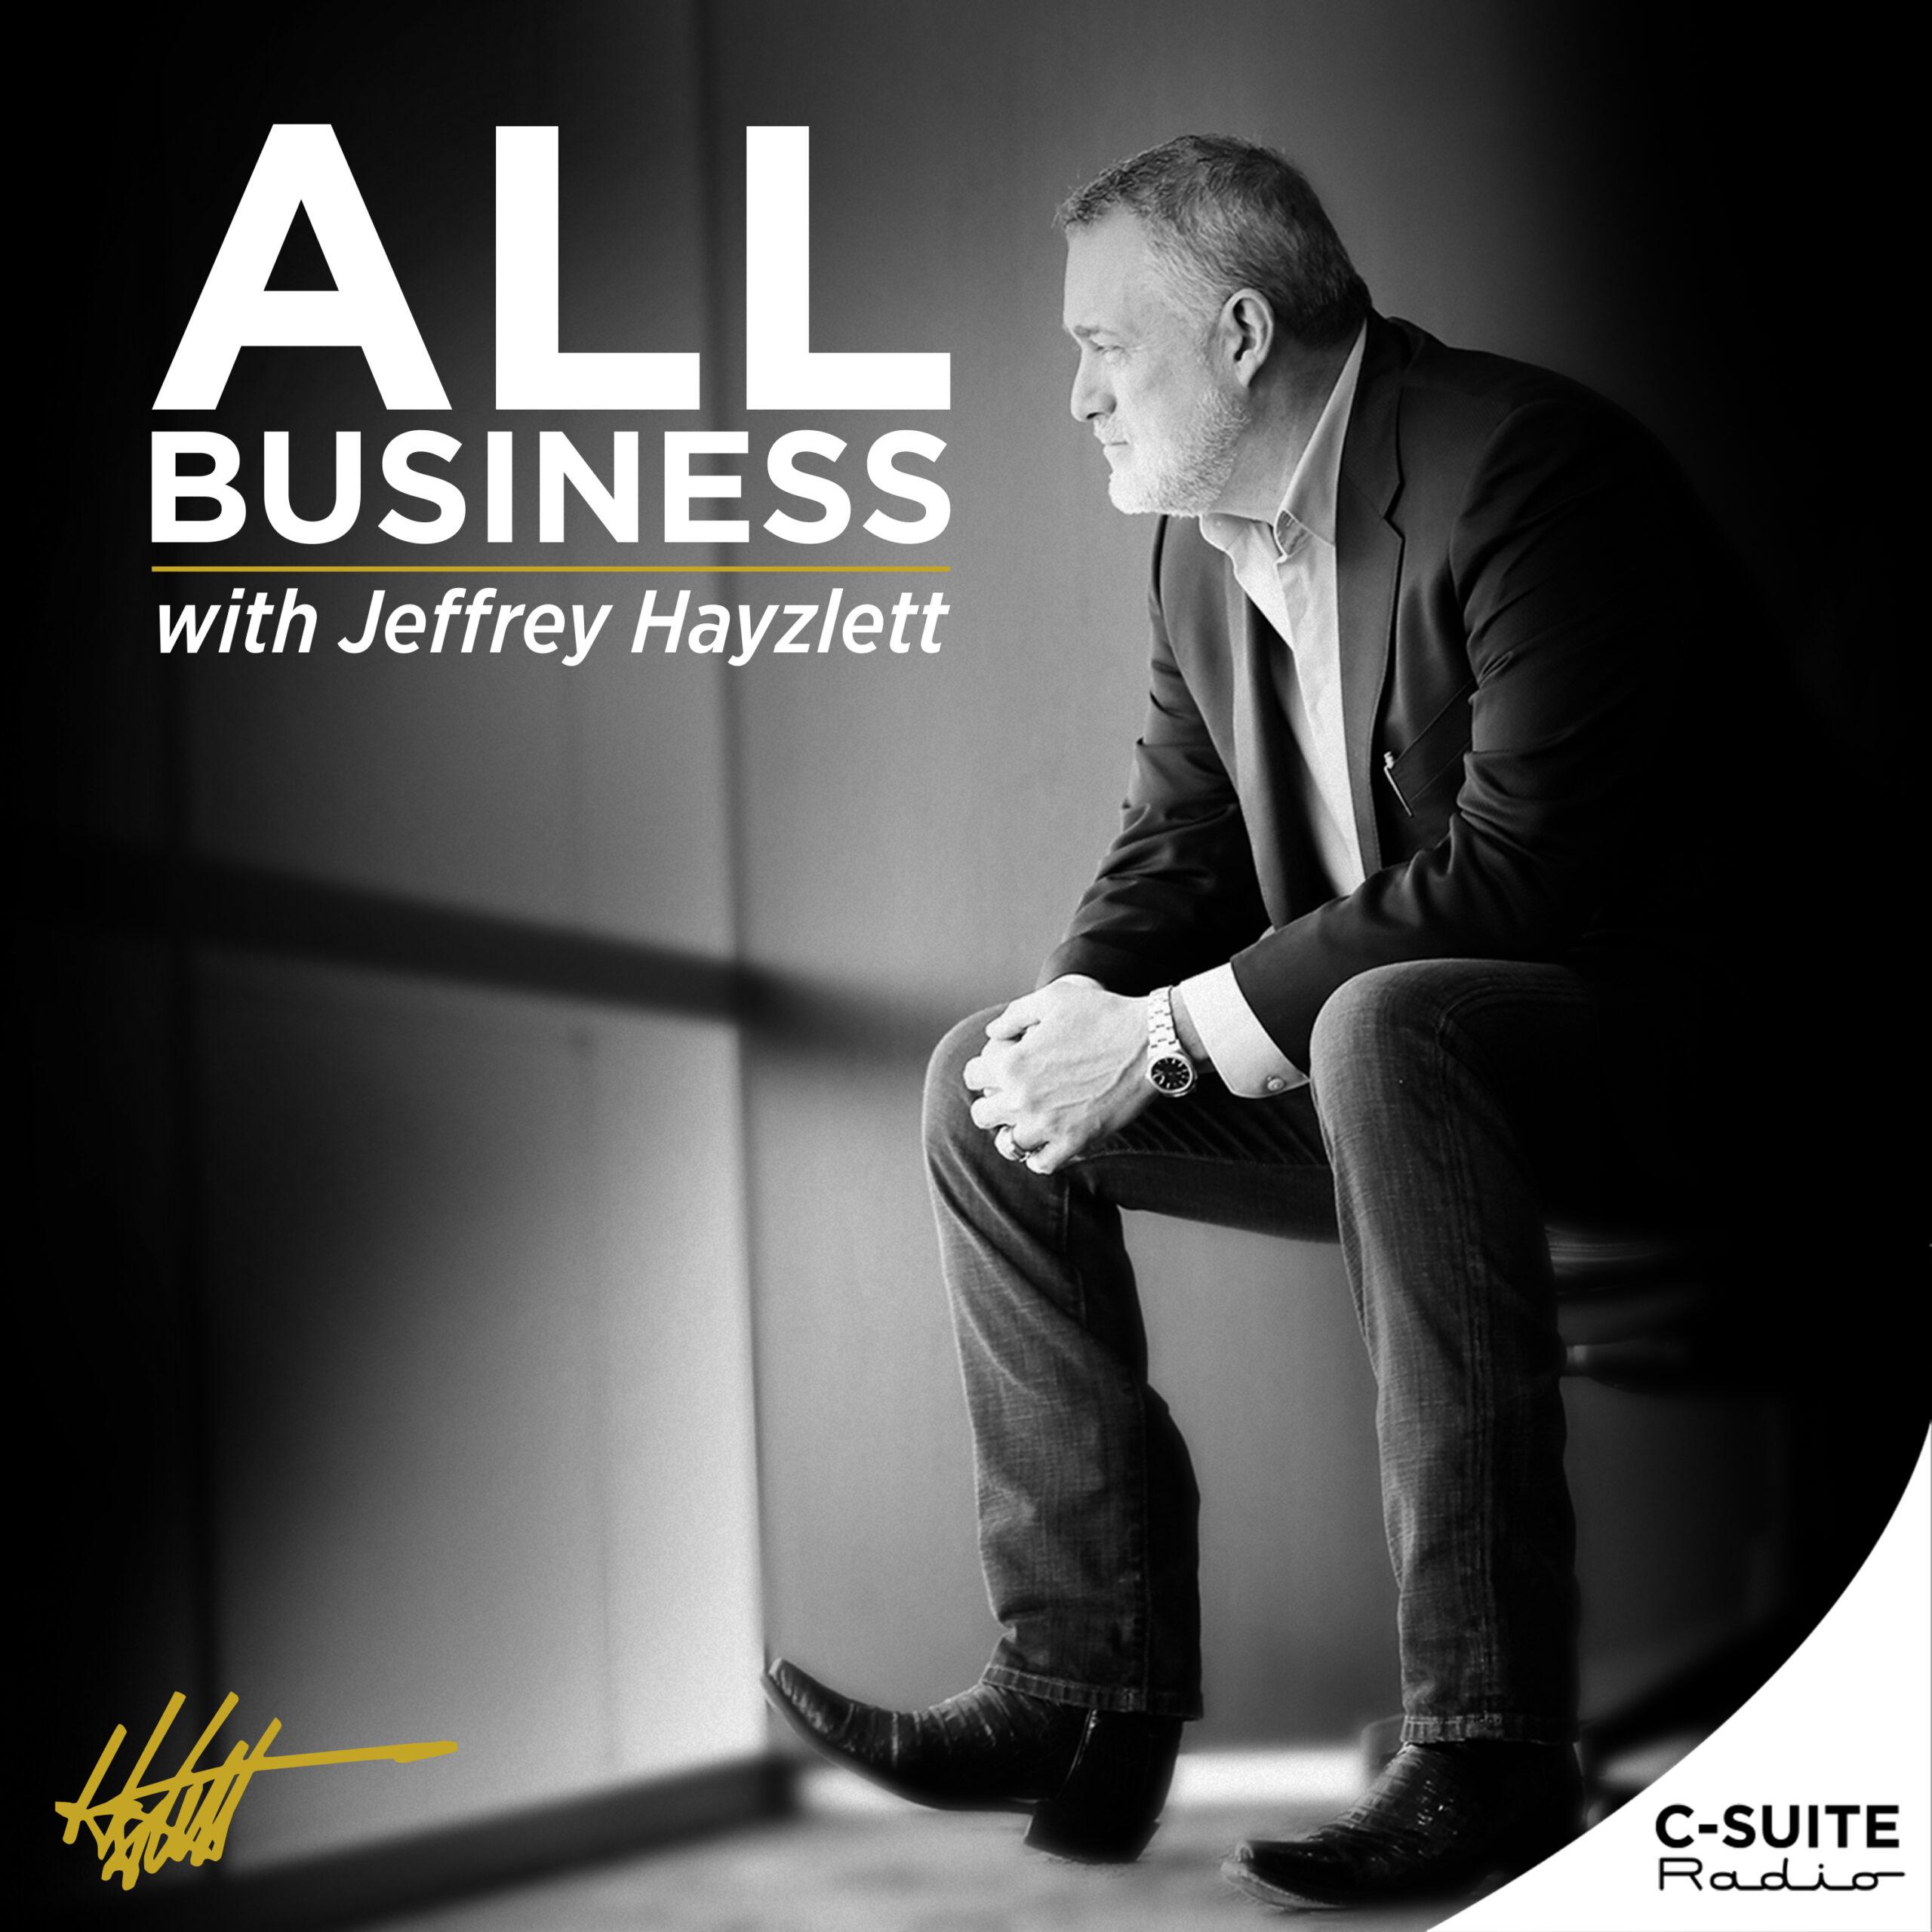 All Business with Jeffery Hayzlett